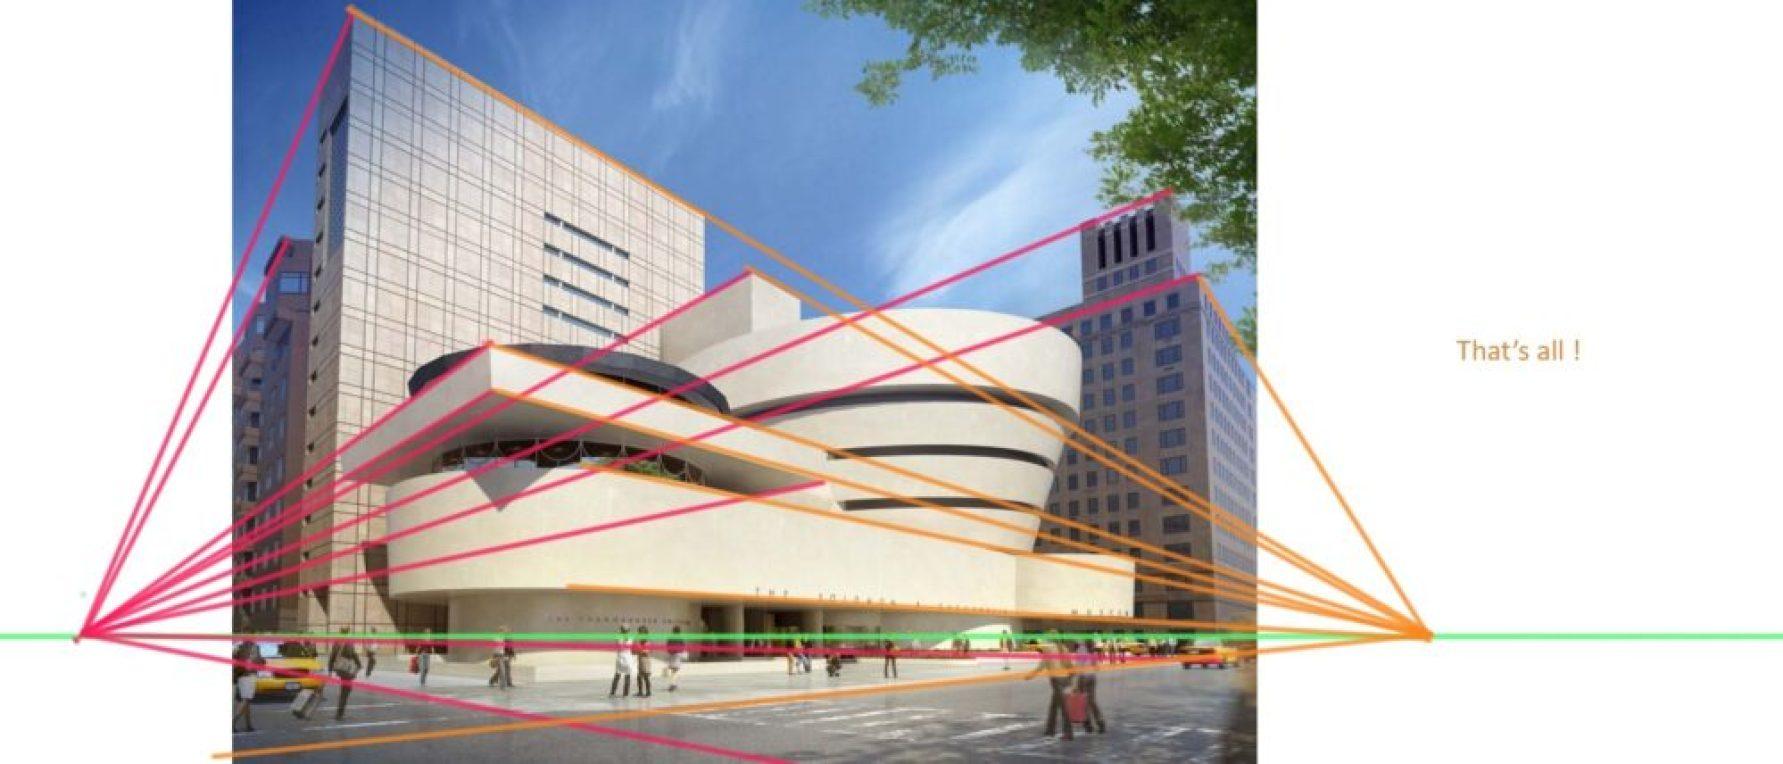 Guggenheim museum New York City 8